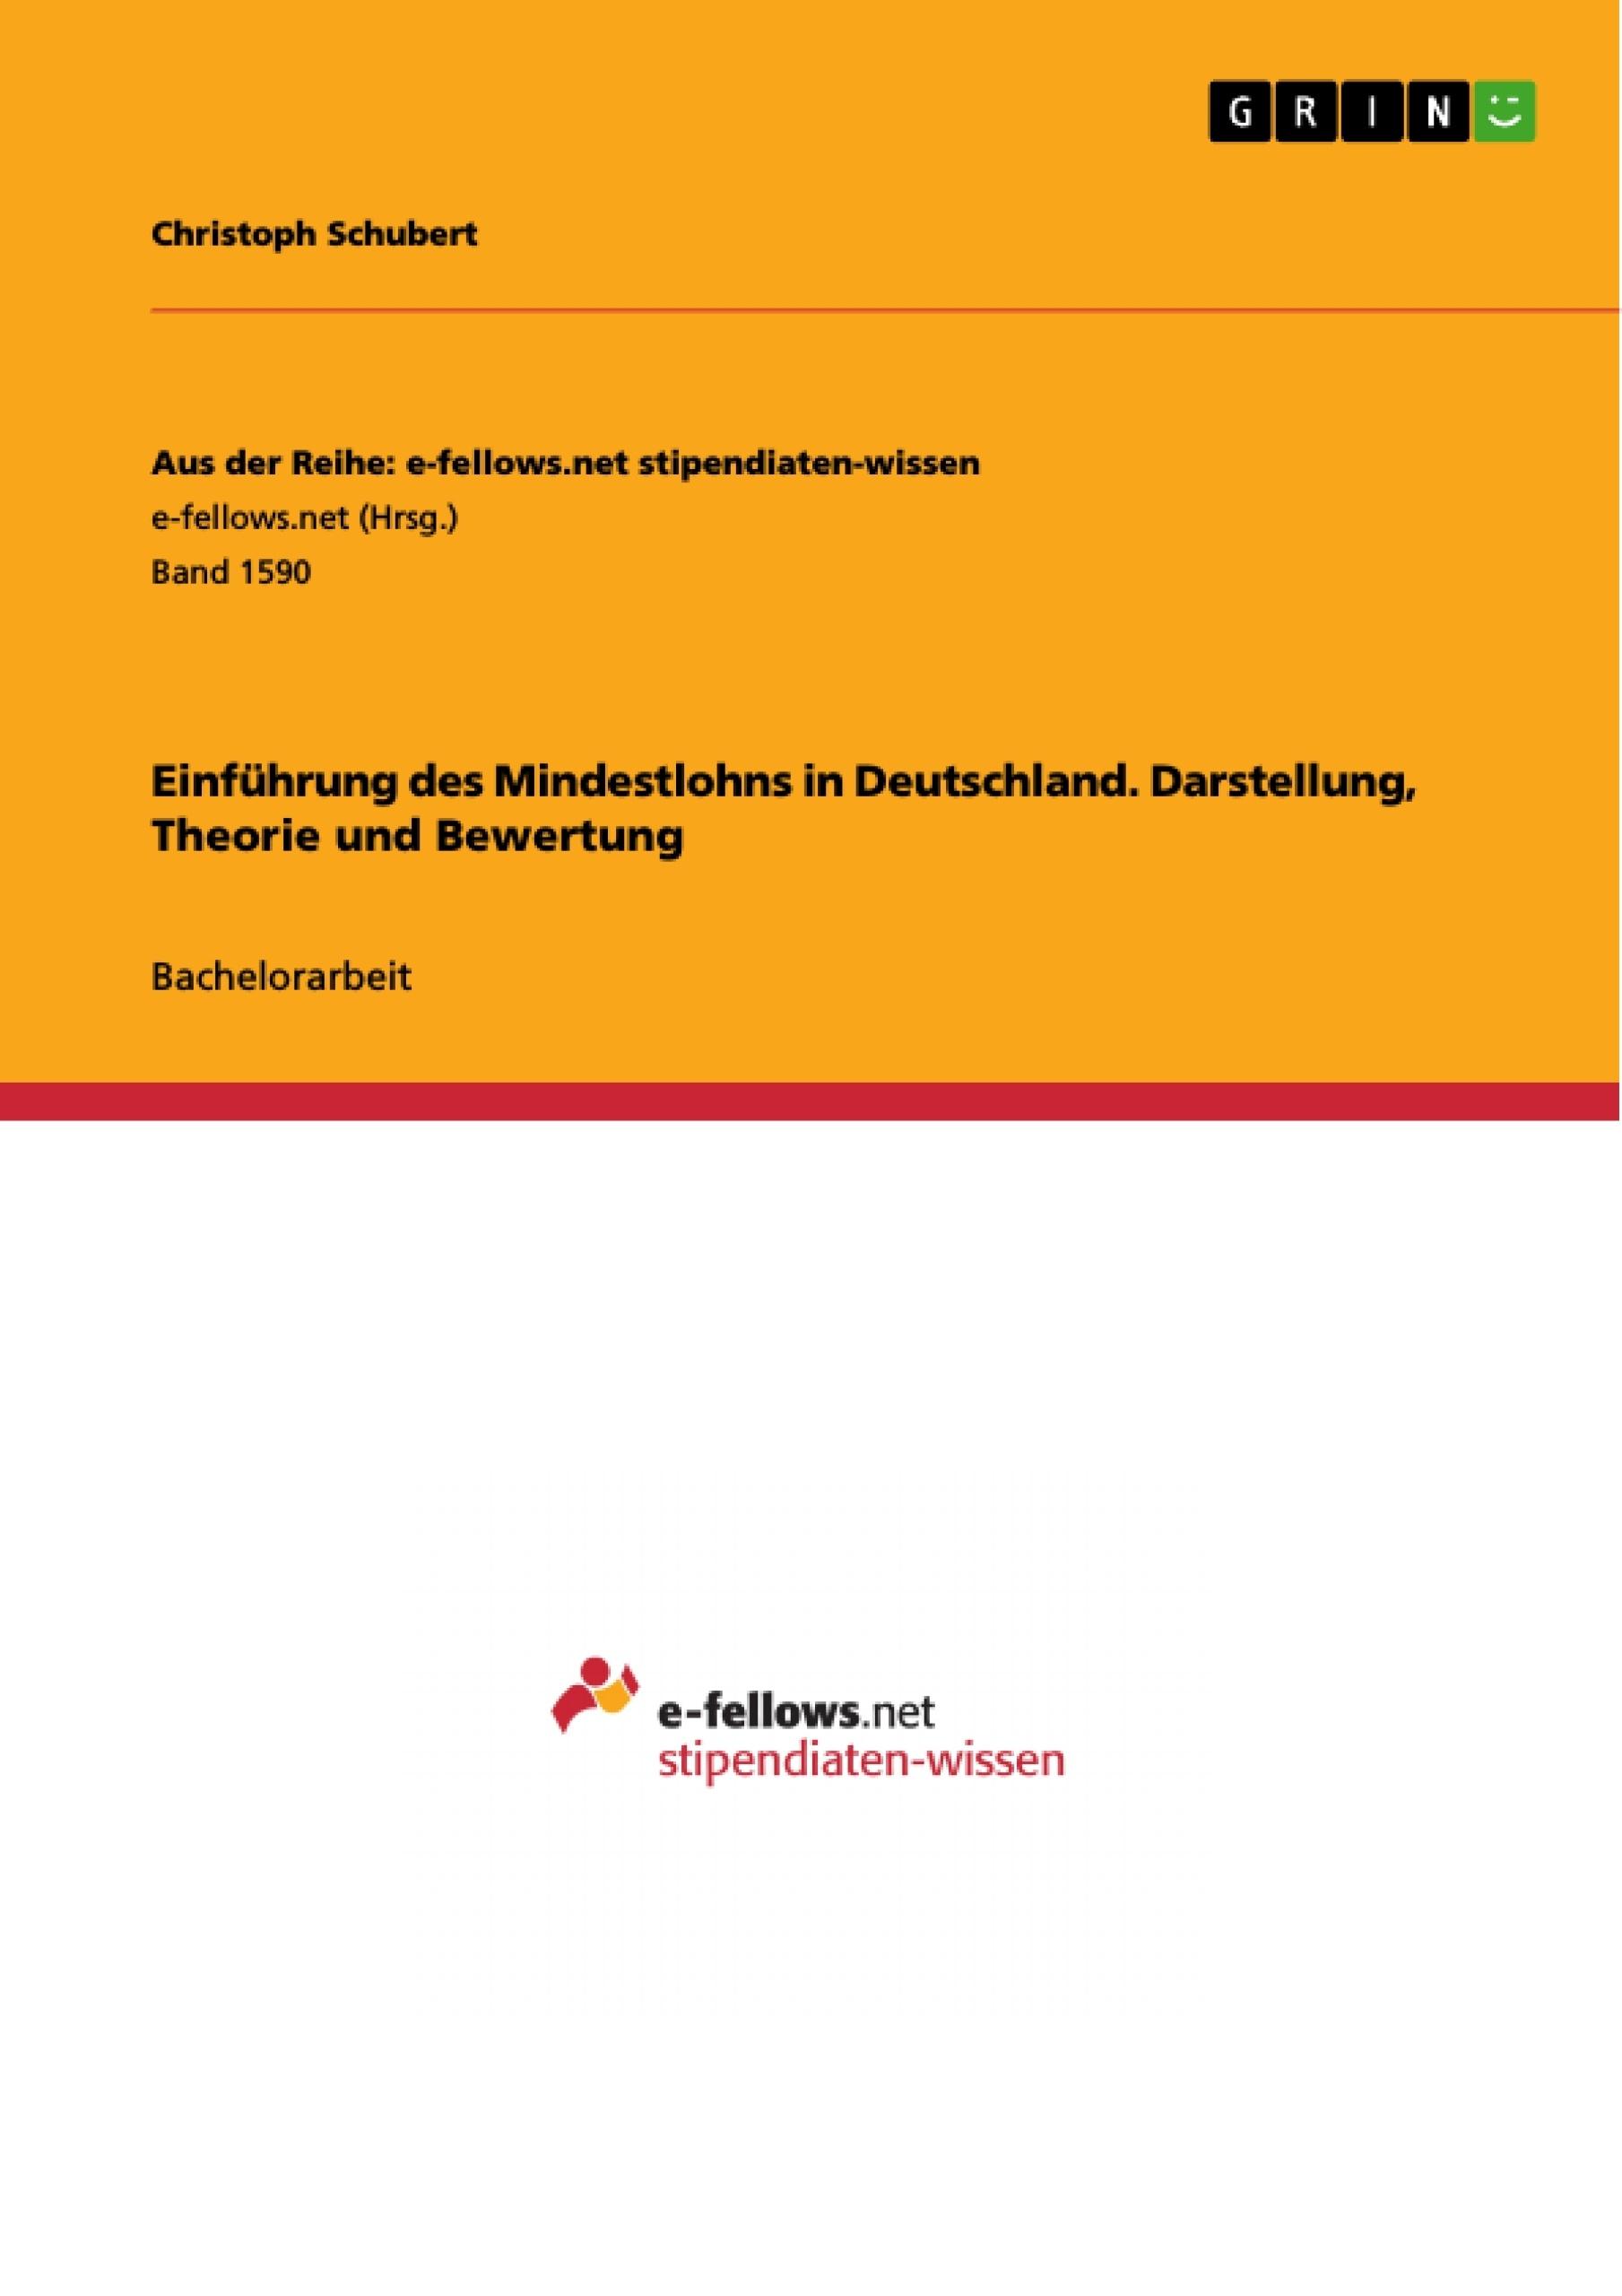 Titel: Einführung des Mindestlohns in Deutschland. Darstellung, Theorie und Bewertung